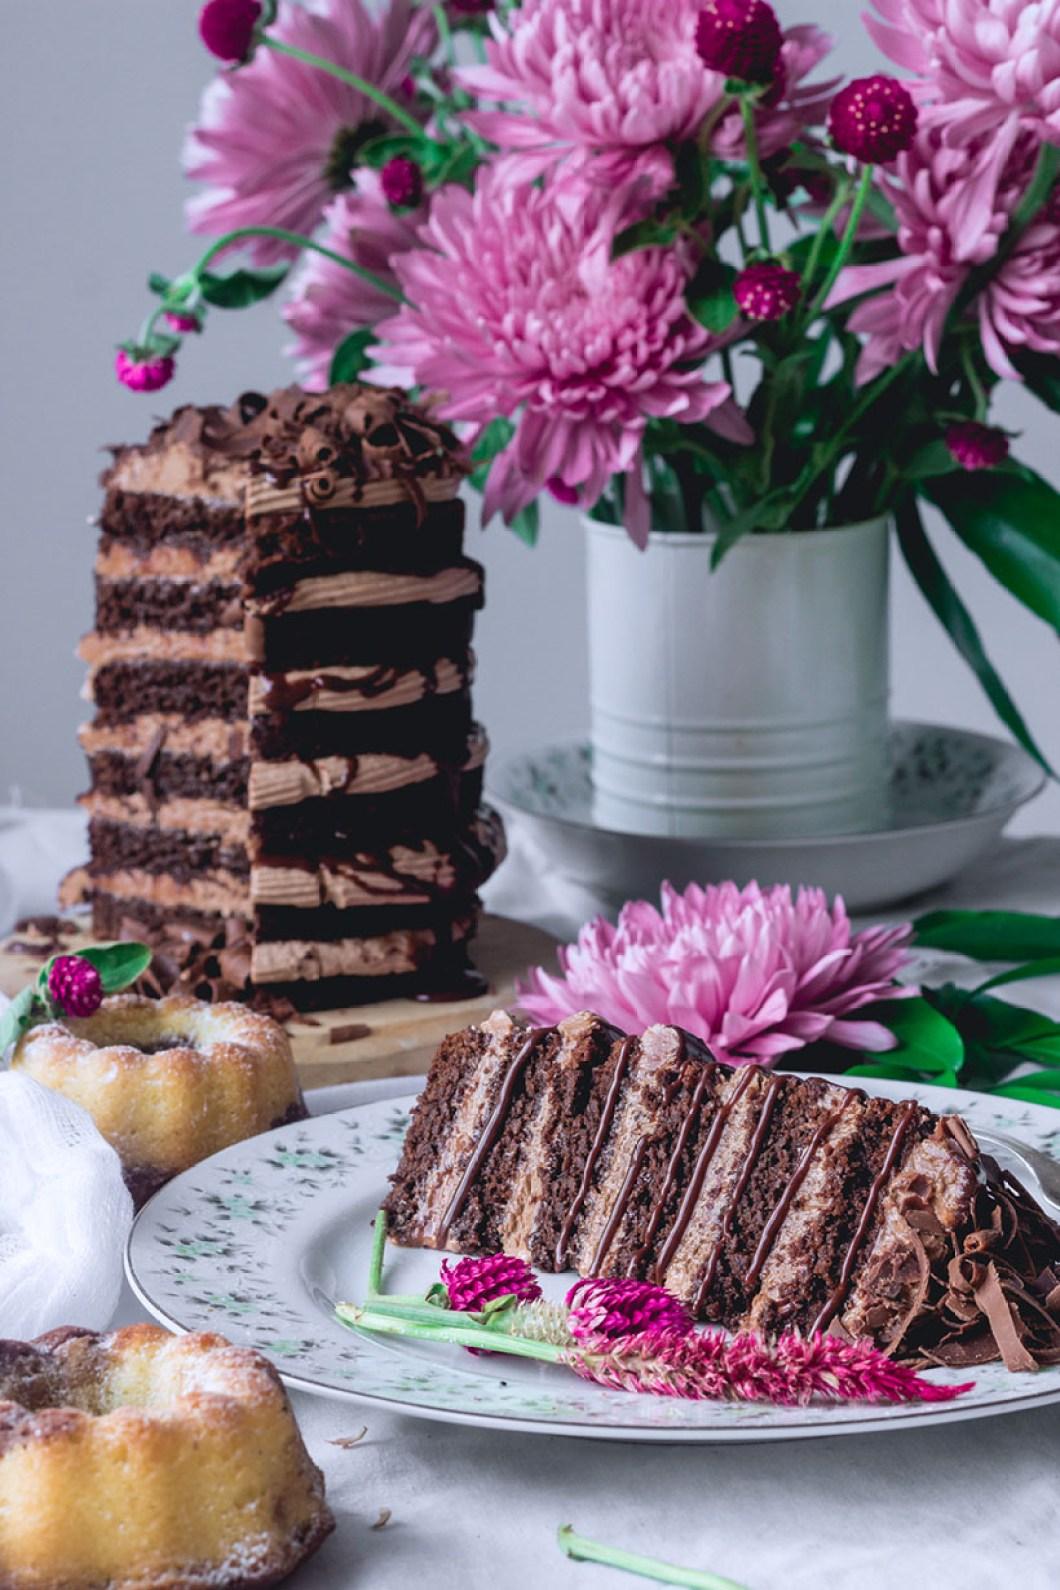 nutella_choco_naked_cake-2925